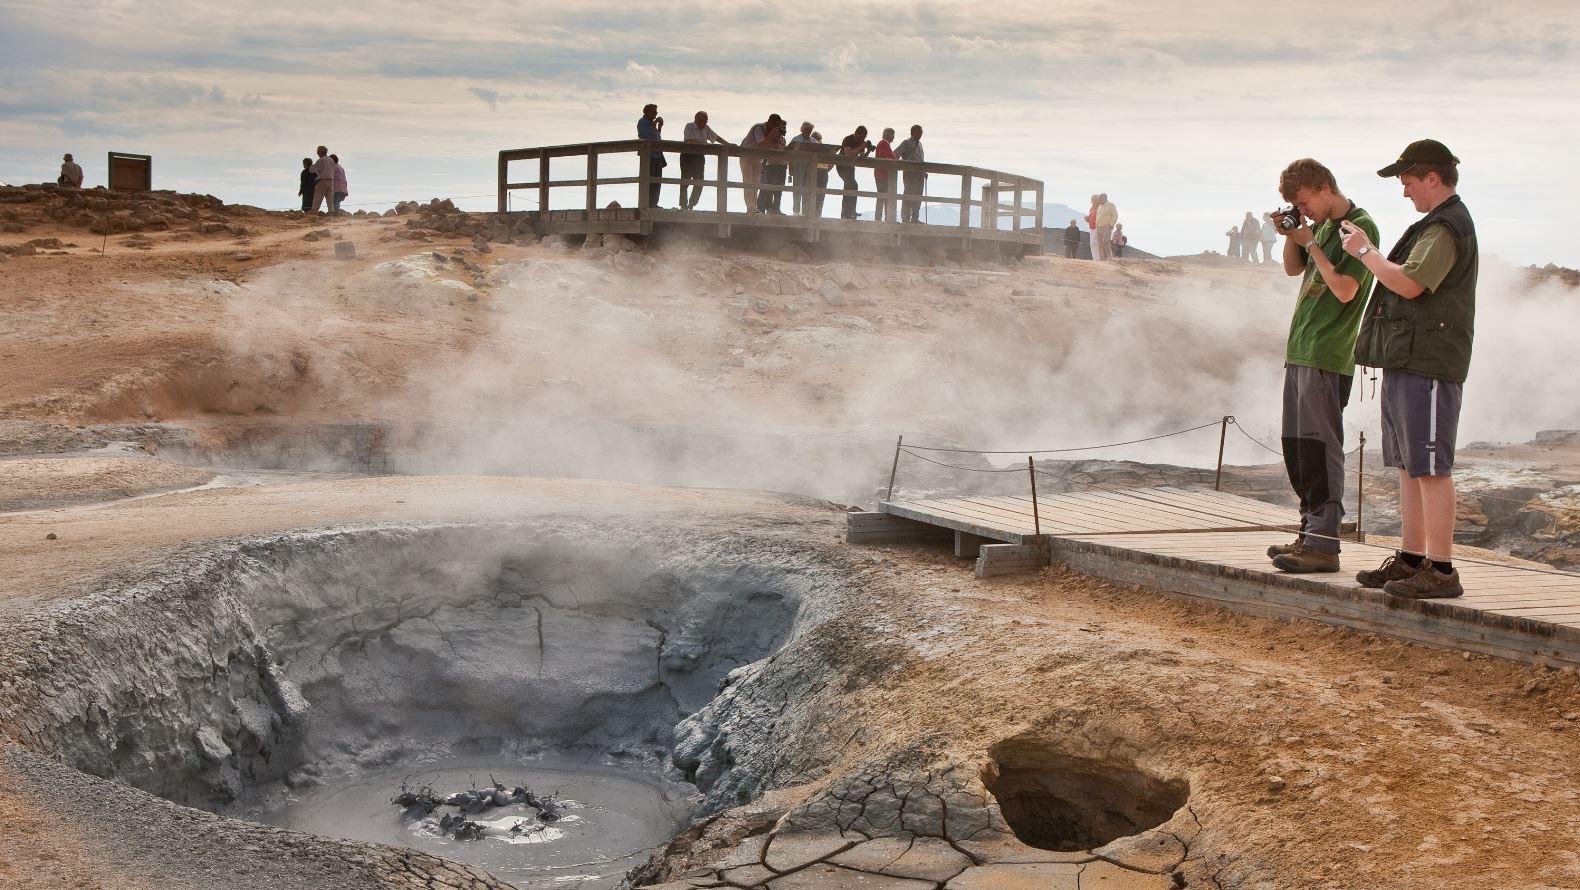 Island öppnar för turismen igen - försiktigt